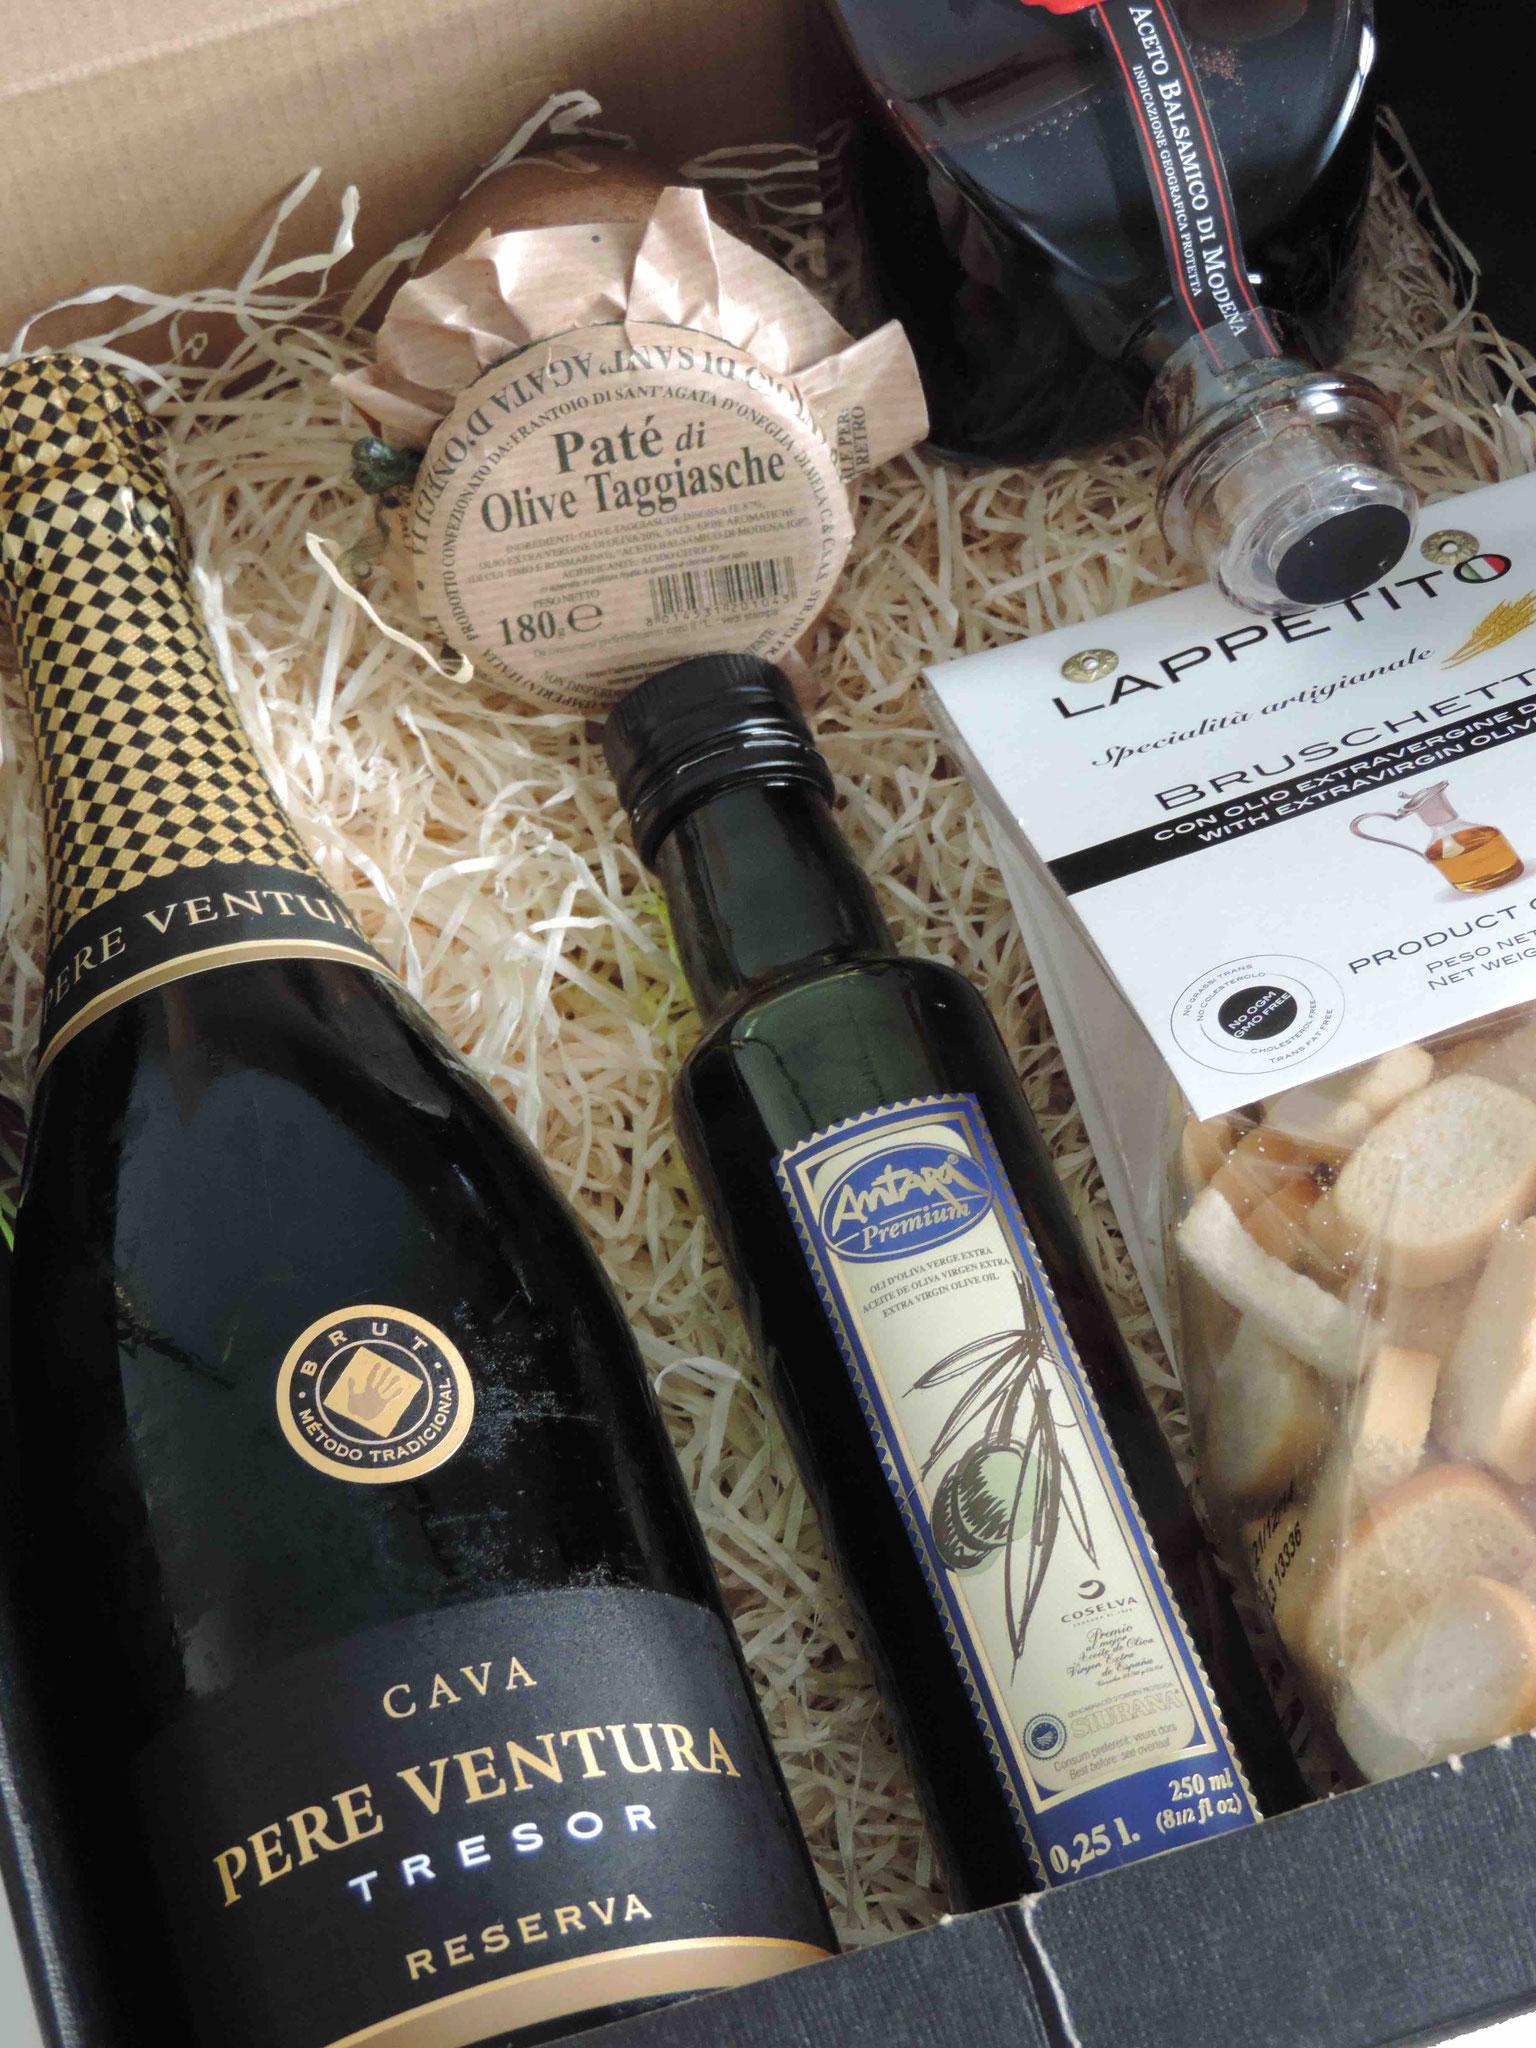 3er Geschenkspackung mit 75 cl Cava Brut Tresor, 1/4 l Antara Olivenöl, Balsamico Calamaio, Paté & Bruschette